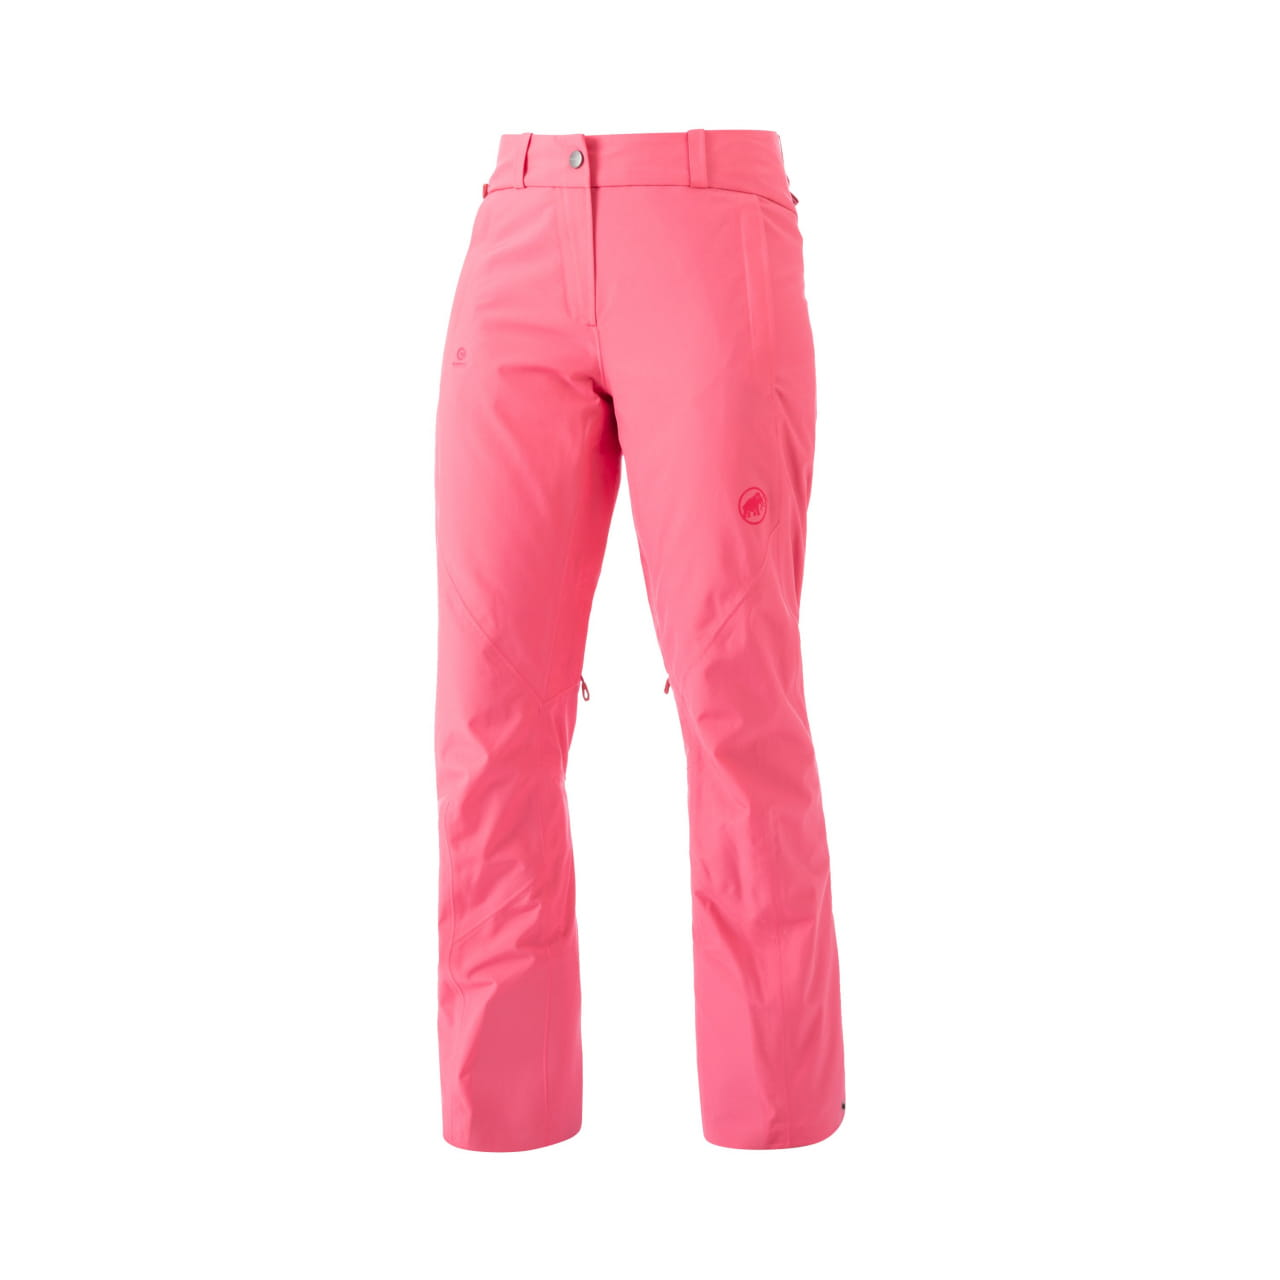 Hardshellové kalhoty pro ženy Mammut Casanna HS Thermo Pants Women